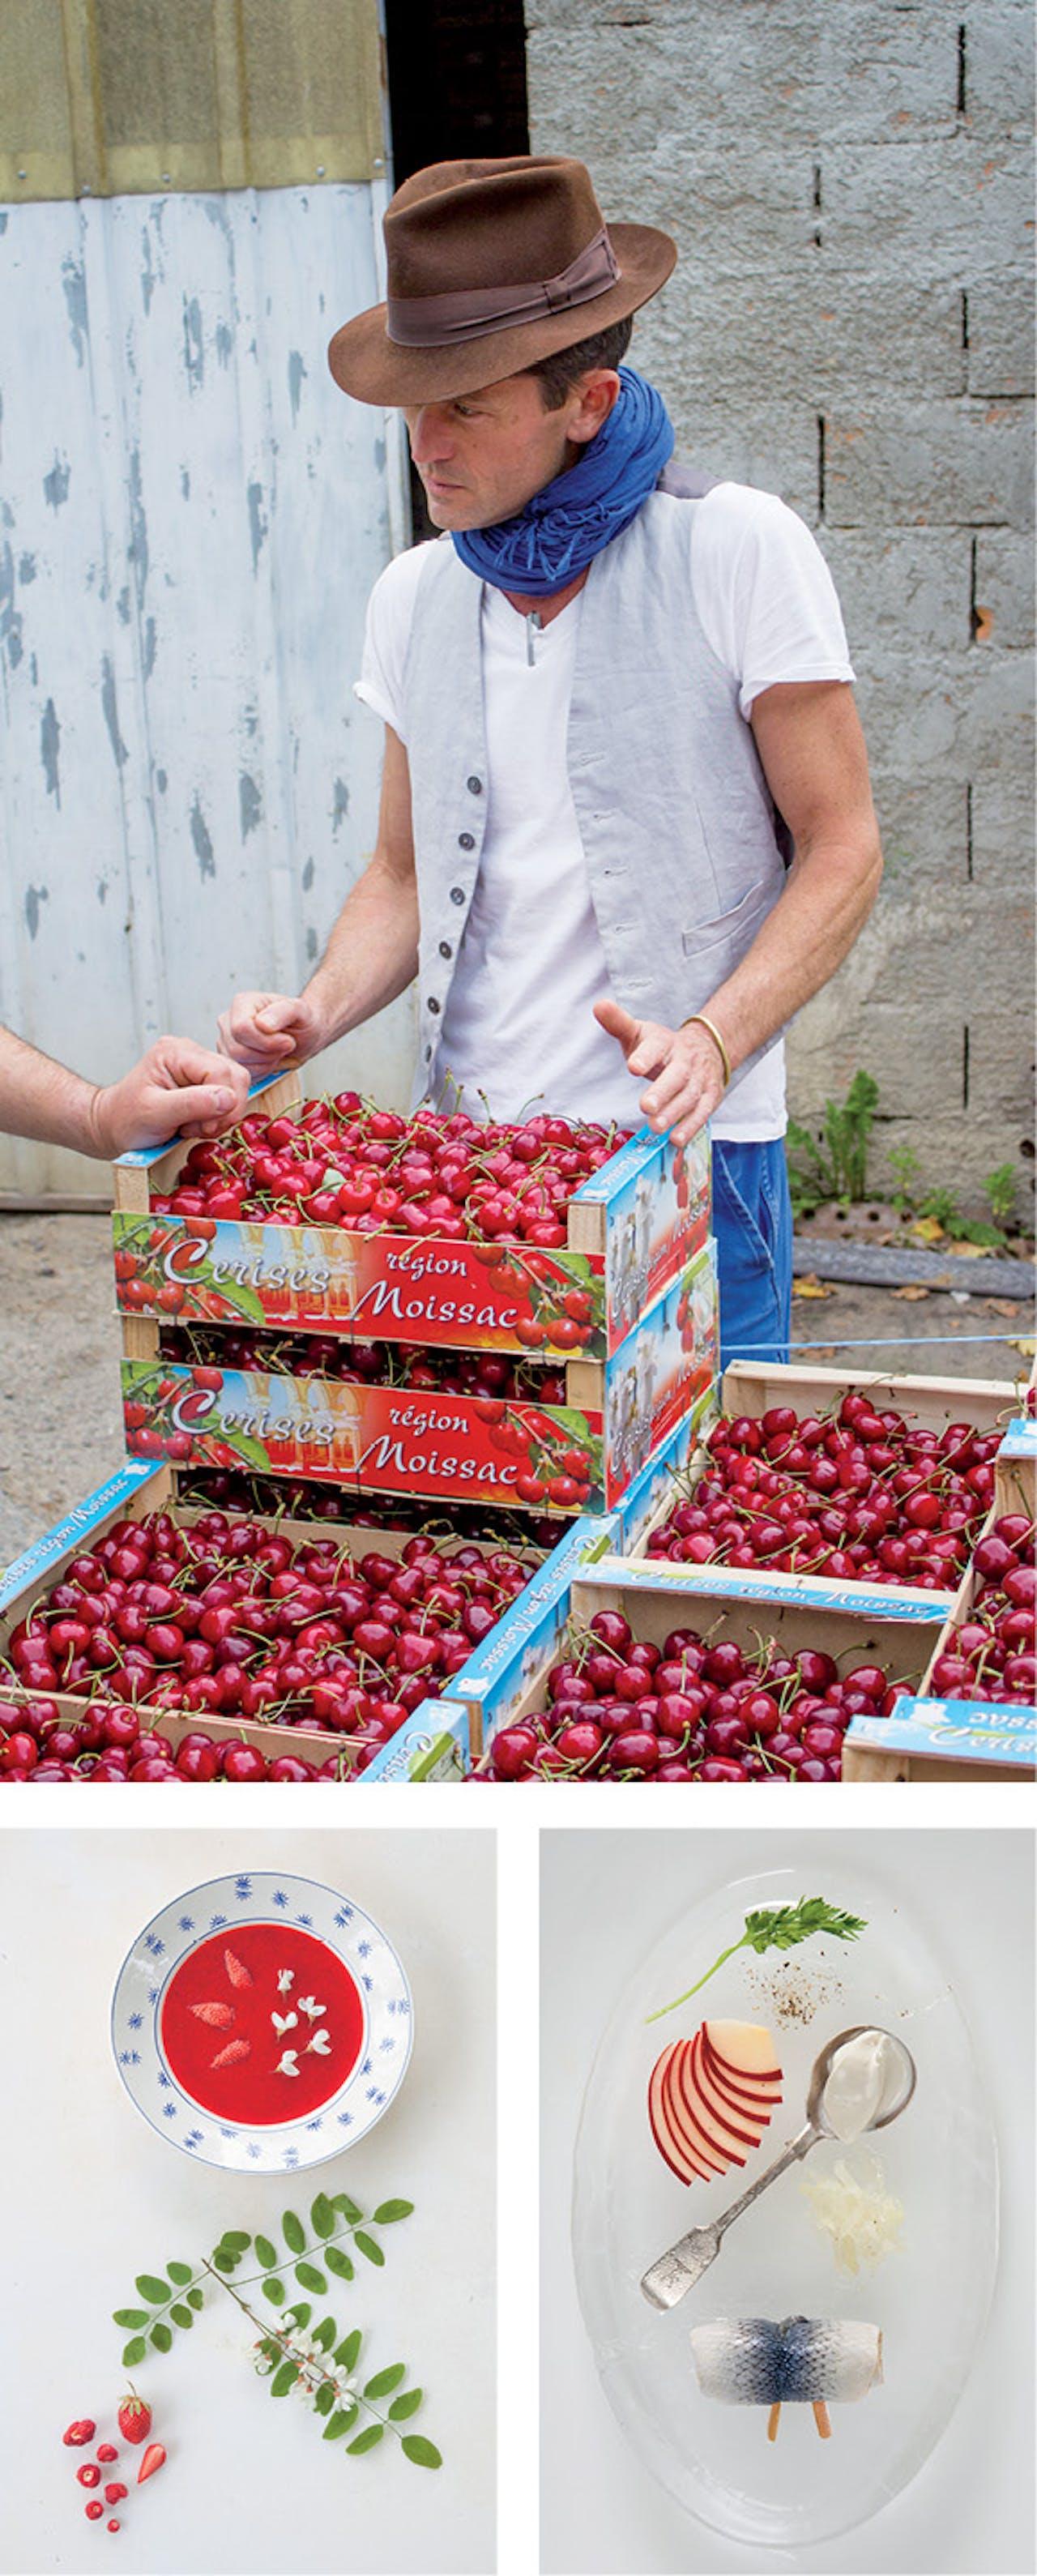 Boven: controle van het fruit. Onder: bouillon van aardbeien (l.) en haring, uit het nieuwe boek 'Nature's Larder'.